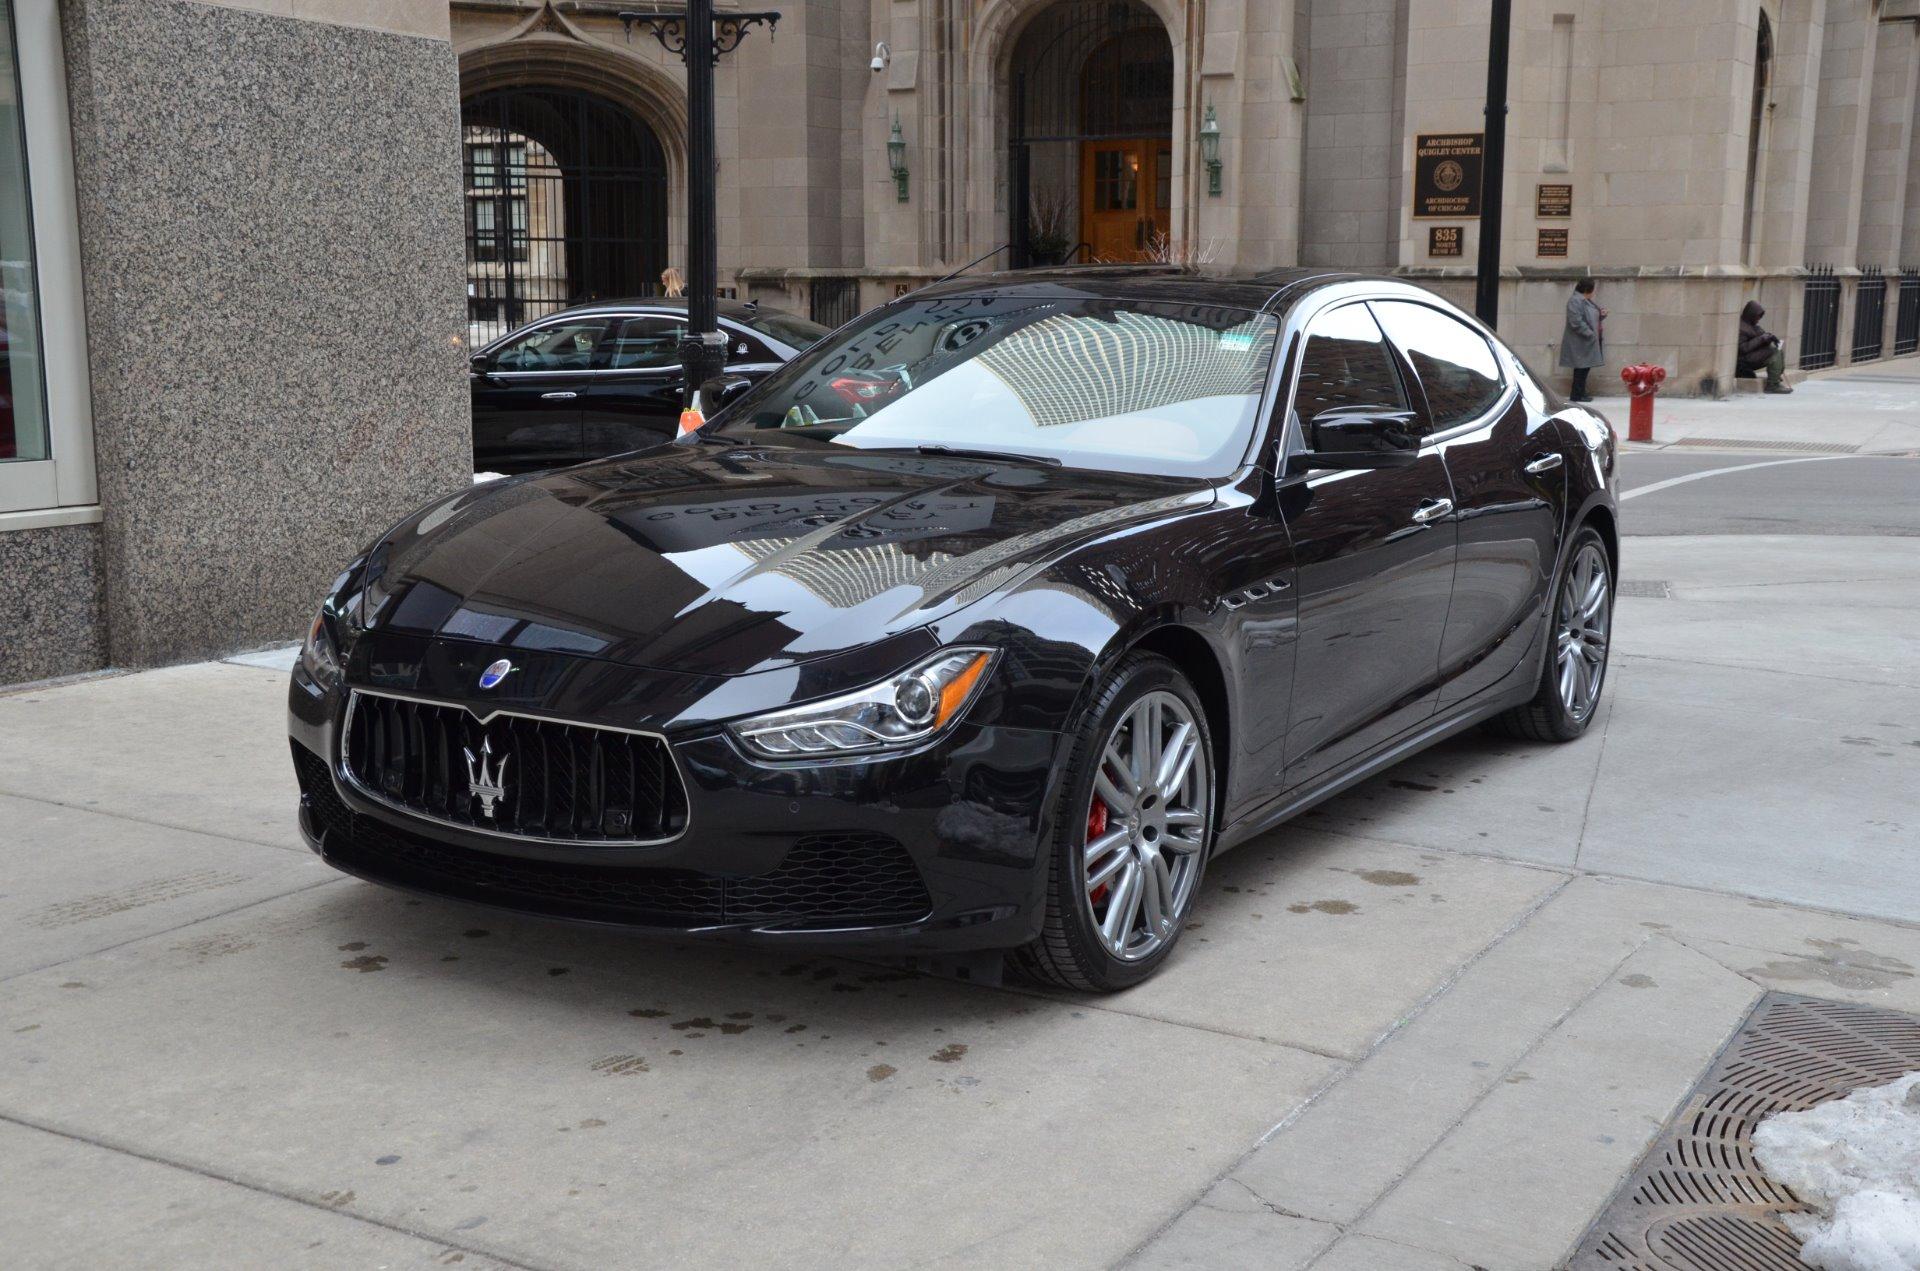 2016 Maserati Ghibli Sq4 S Q4 Stock M487 For Sale Near